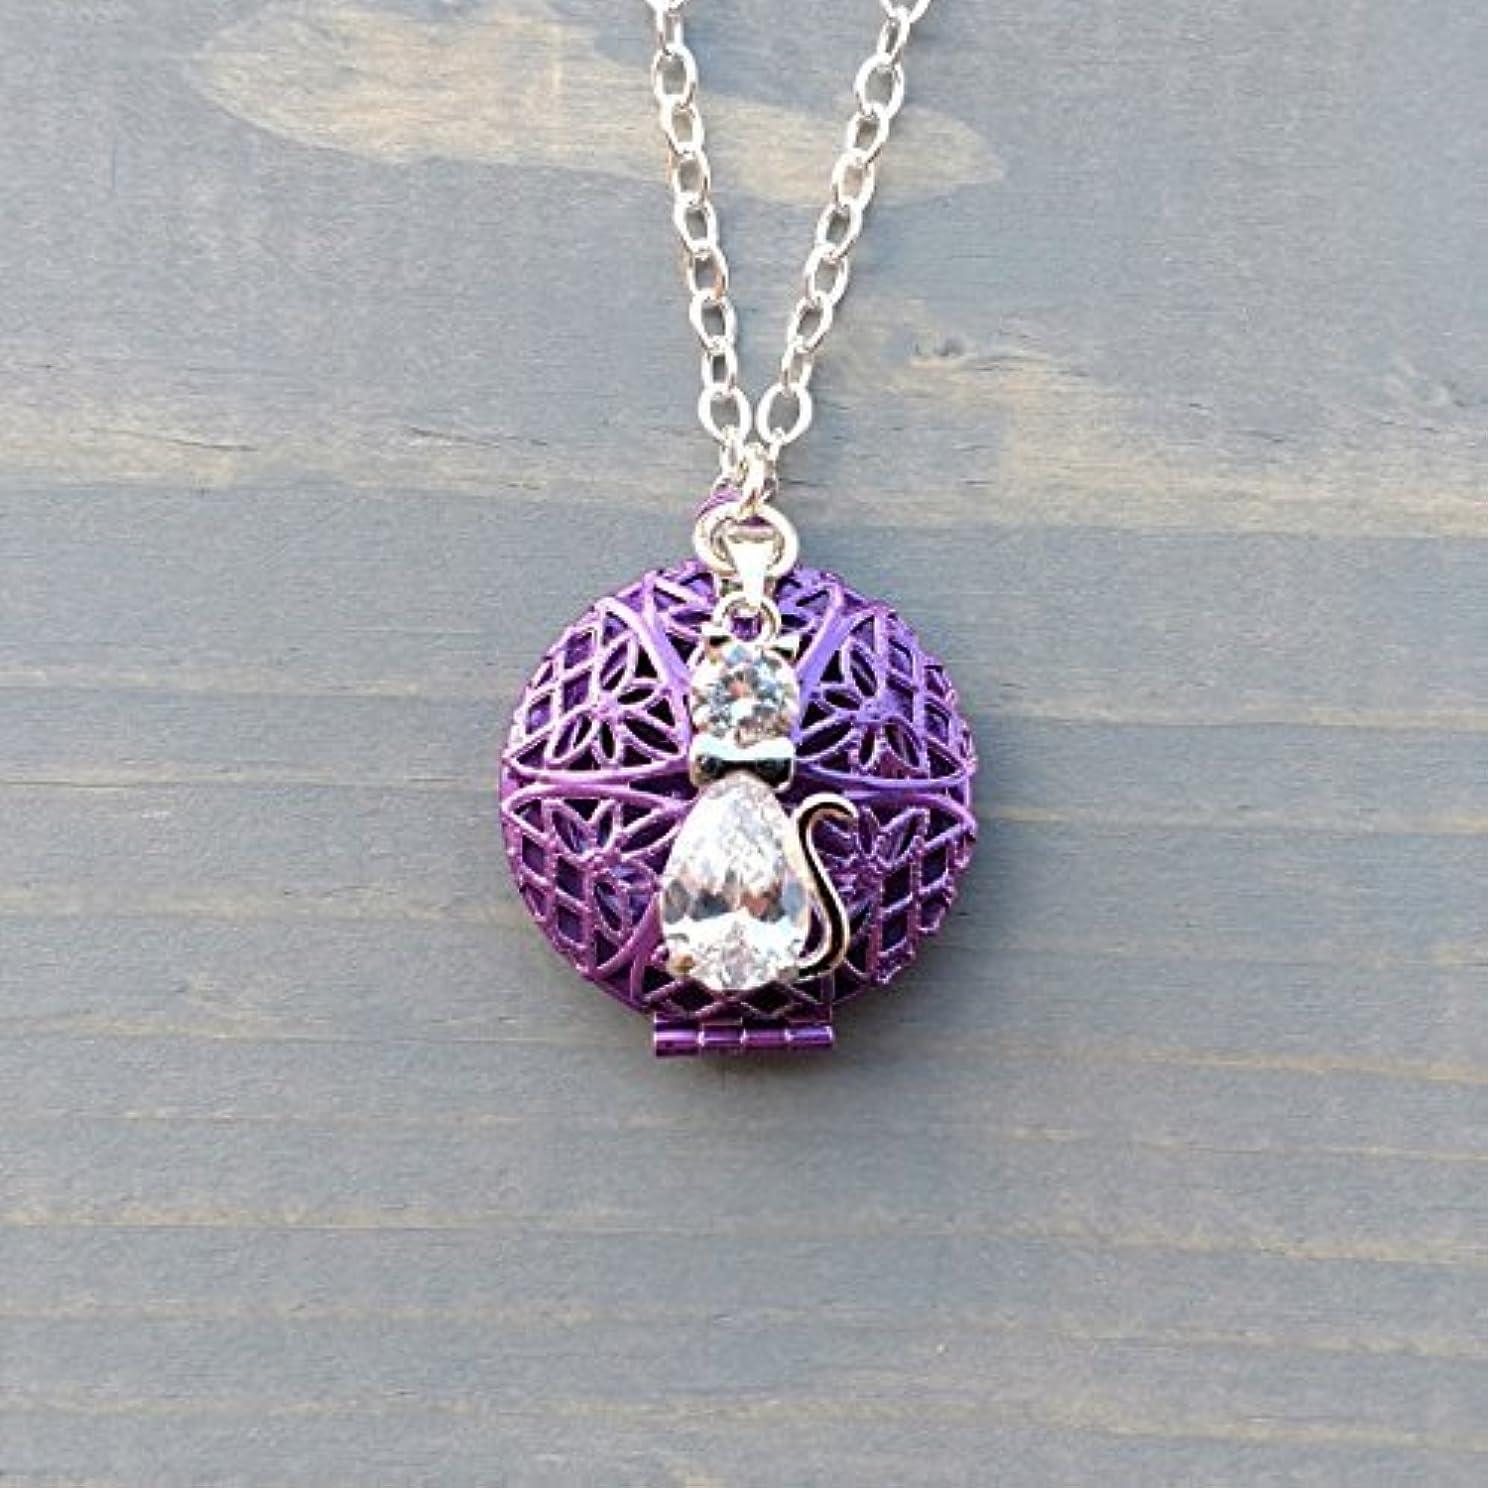 家具スロベニアこねるPurple Tuxedo Cat Girl's Aromatherapy Necklace Essential Oil Diffuser Locket Pendant Jewelry for Children w/reusable...